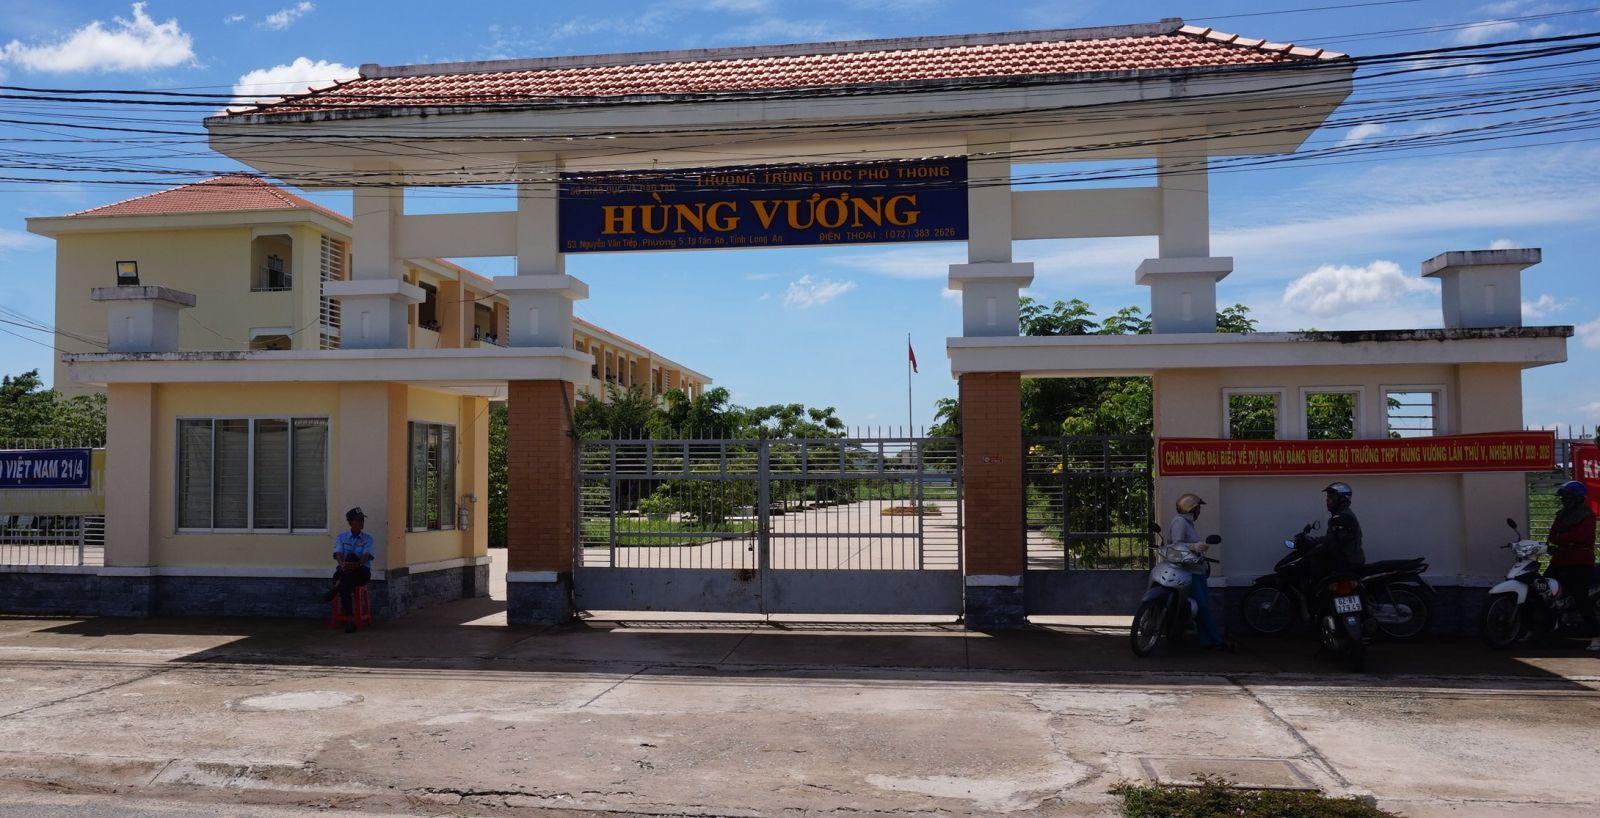 """Trường THPT Hùng Vương, phường 5, TP.Tân An là điểm chính cho Đội hình """"Tiếp sức mùa thi"""" của Thành đoàn Tân An"""